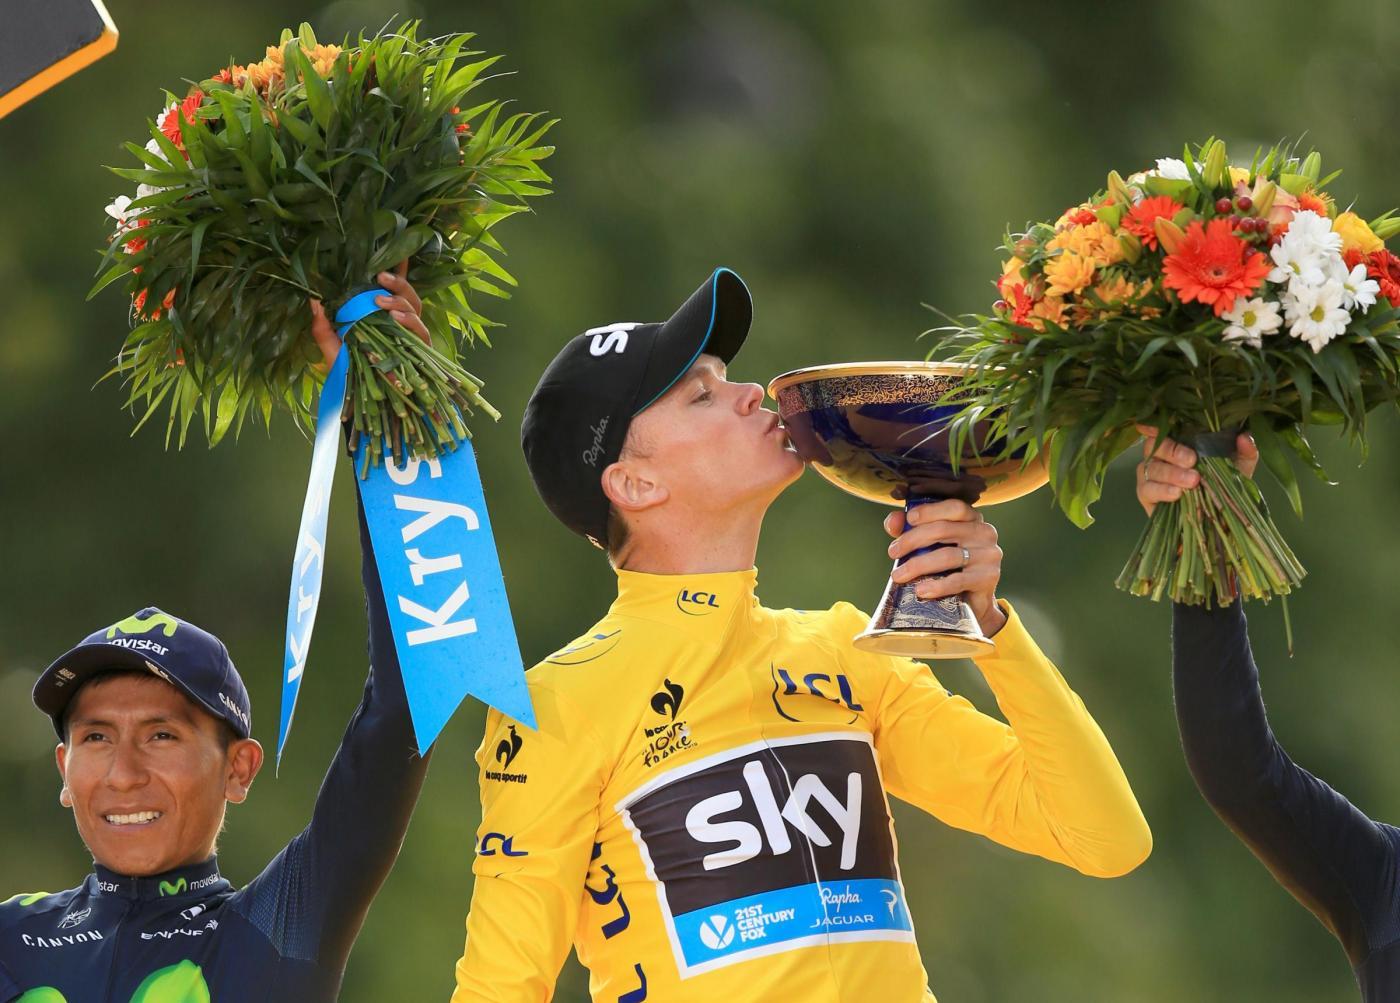 Tour de France 2015 a Chris Froome, doppietta per il britannico